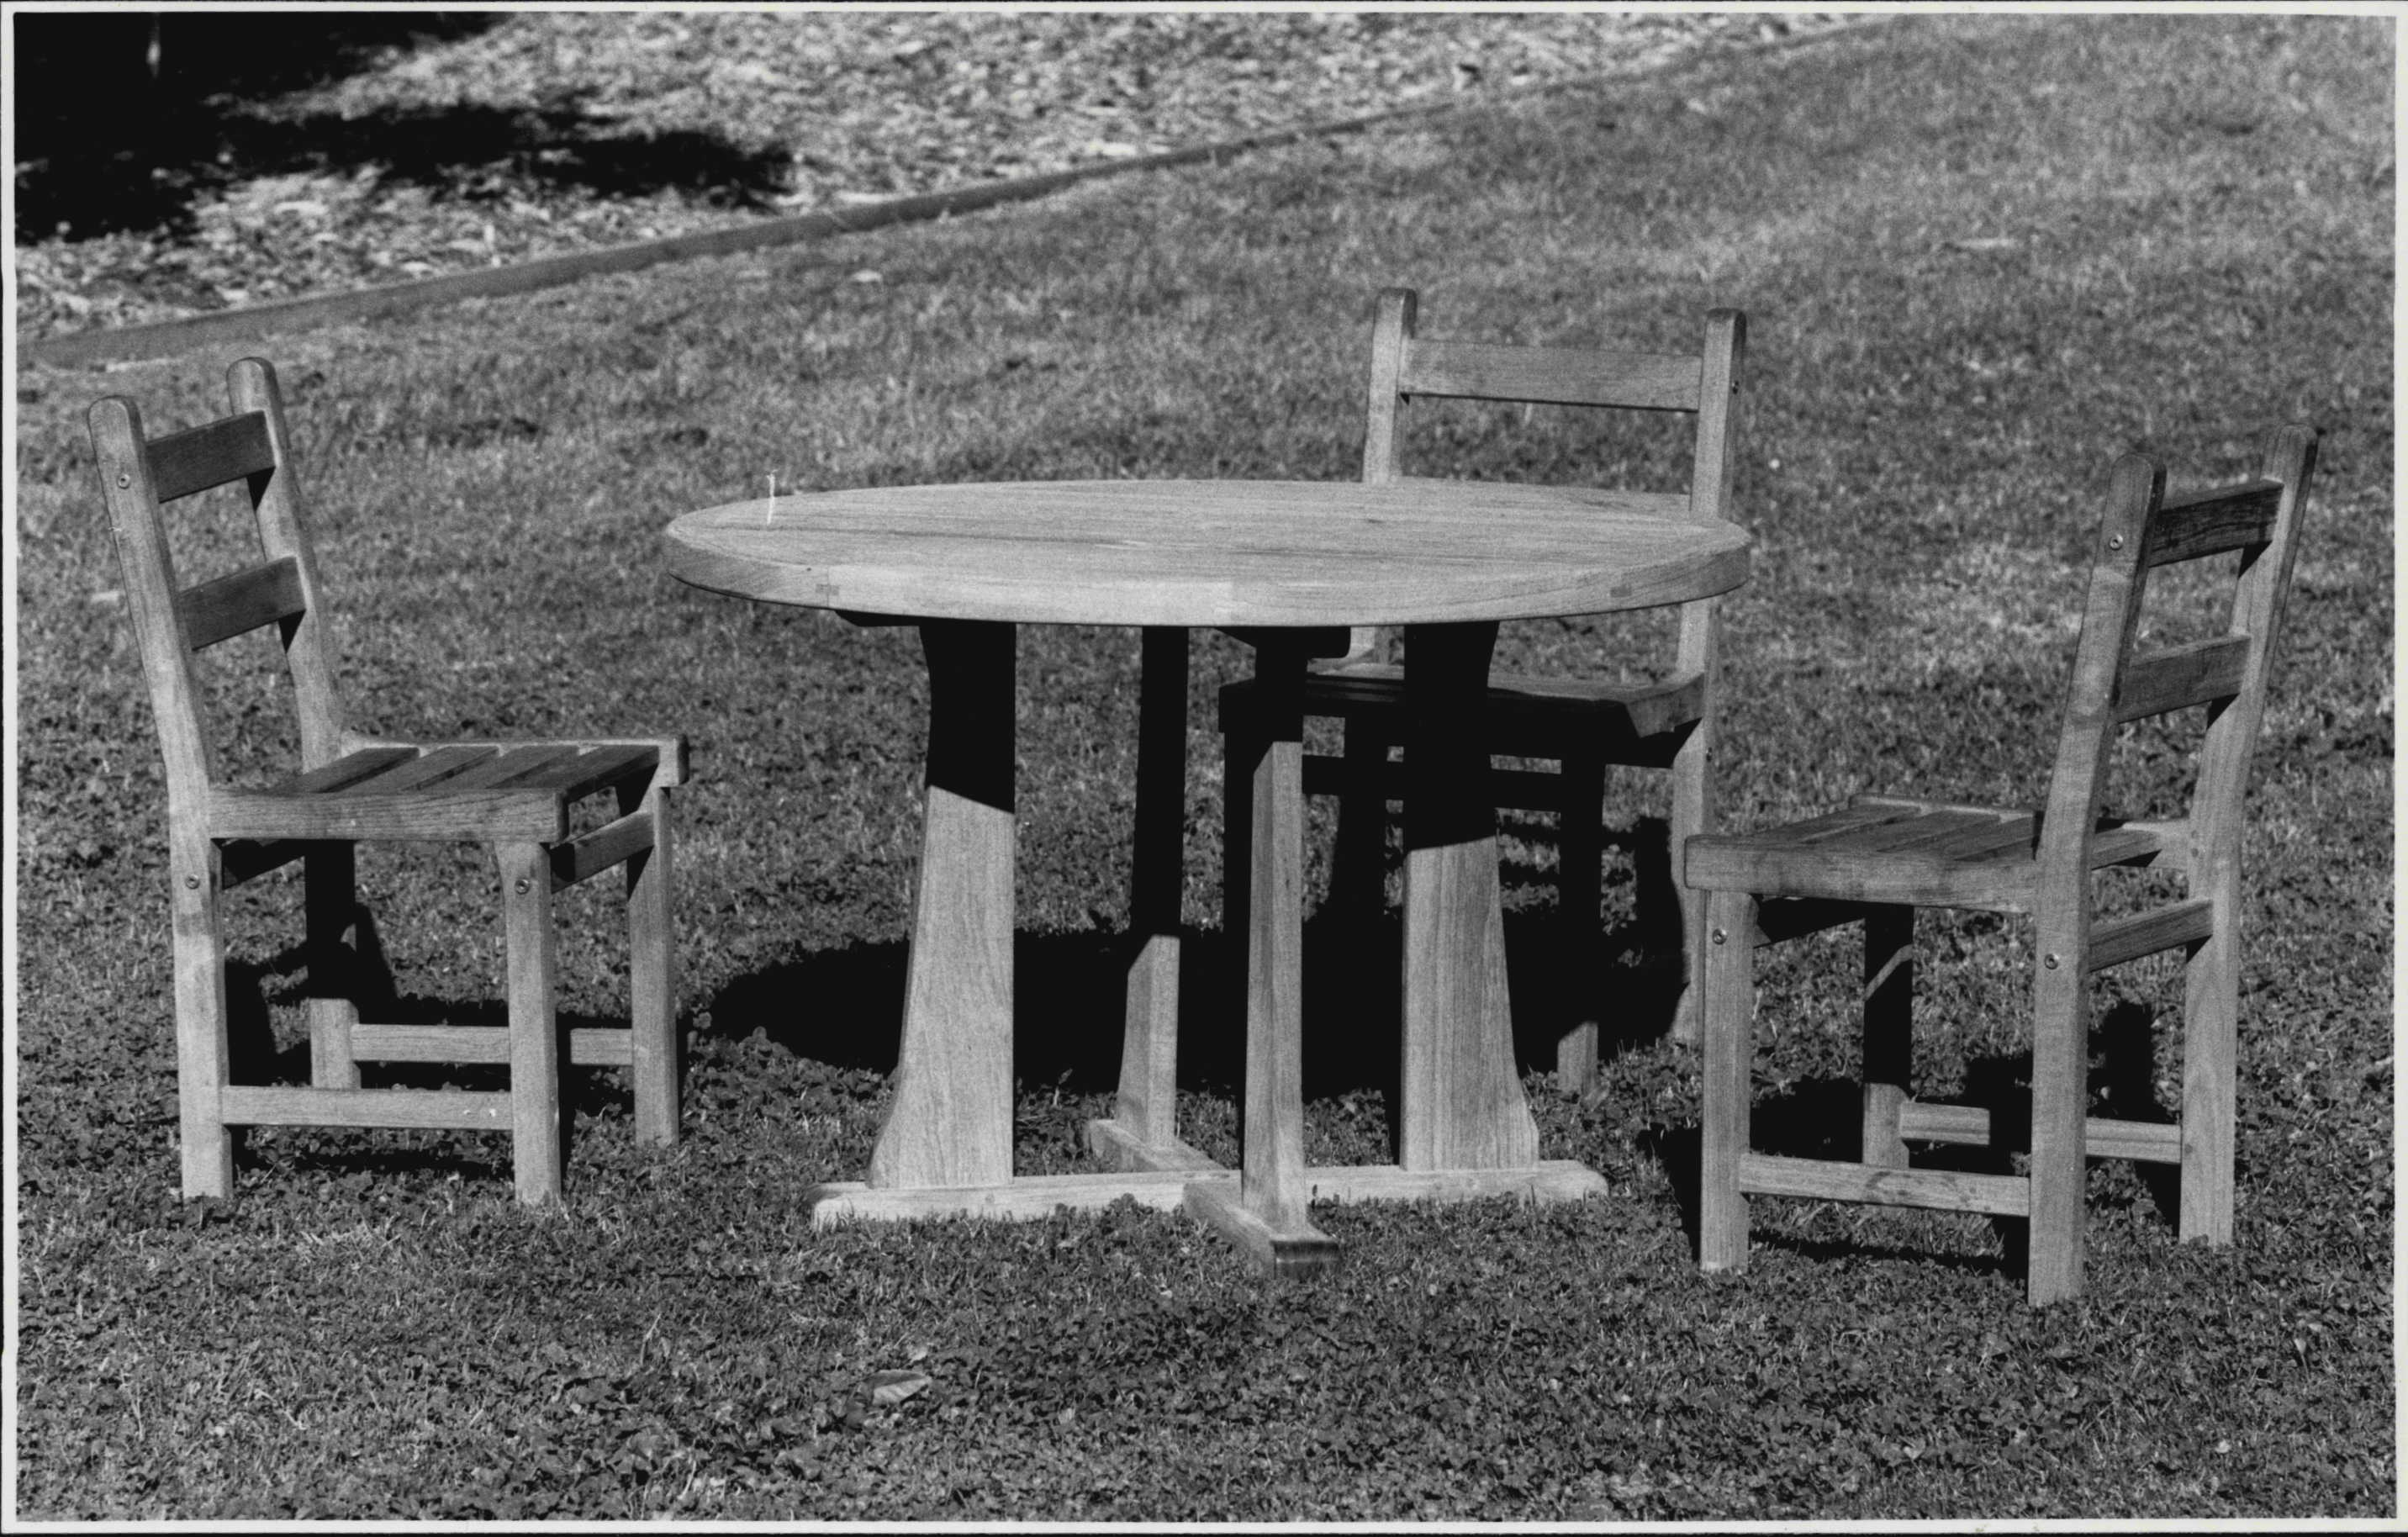 Cotswold Garden Furniture, 61 Boundary st Roseville.Items of garden furniture.Regent table 4 diameter $998, Kent chair $239 bring inside on verandah *****.